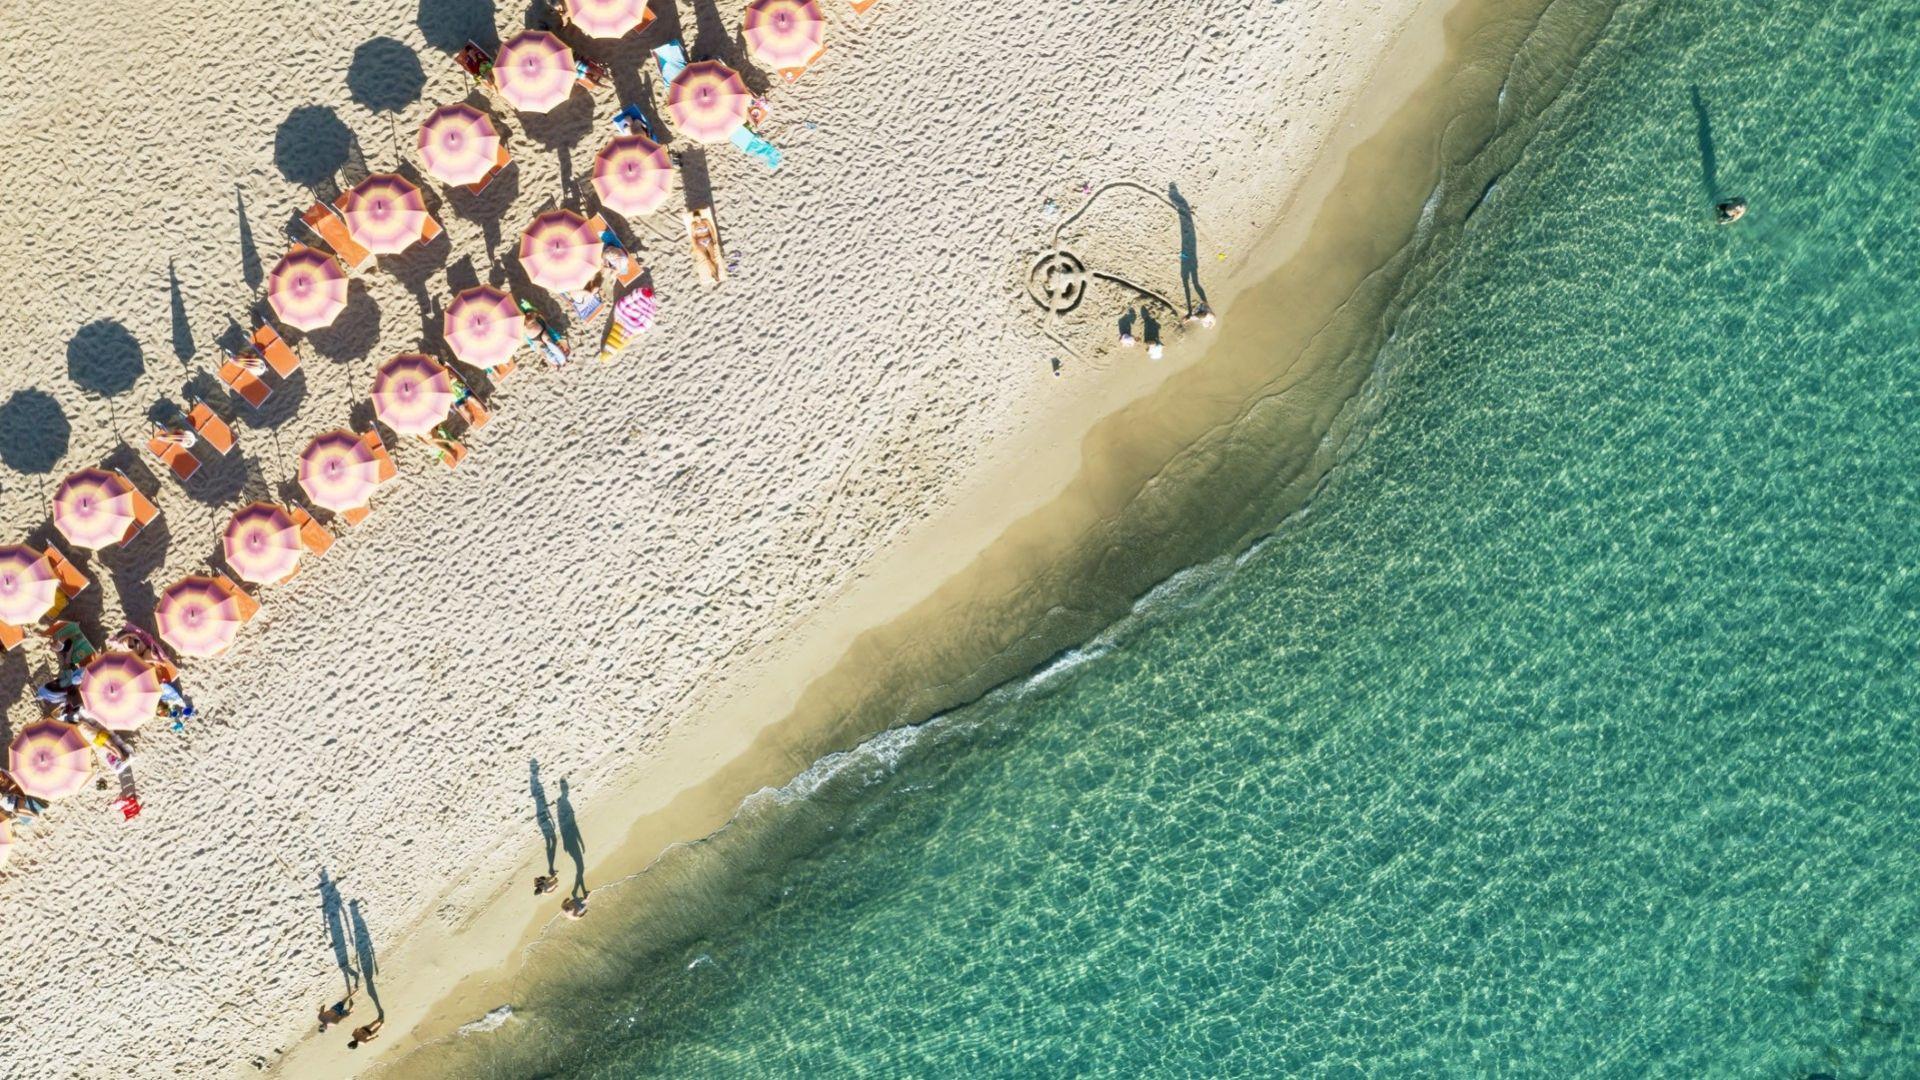 Седем концесионери на плажове ще дават безплатно чадъри и шезлонги